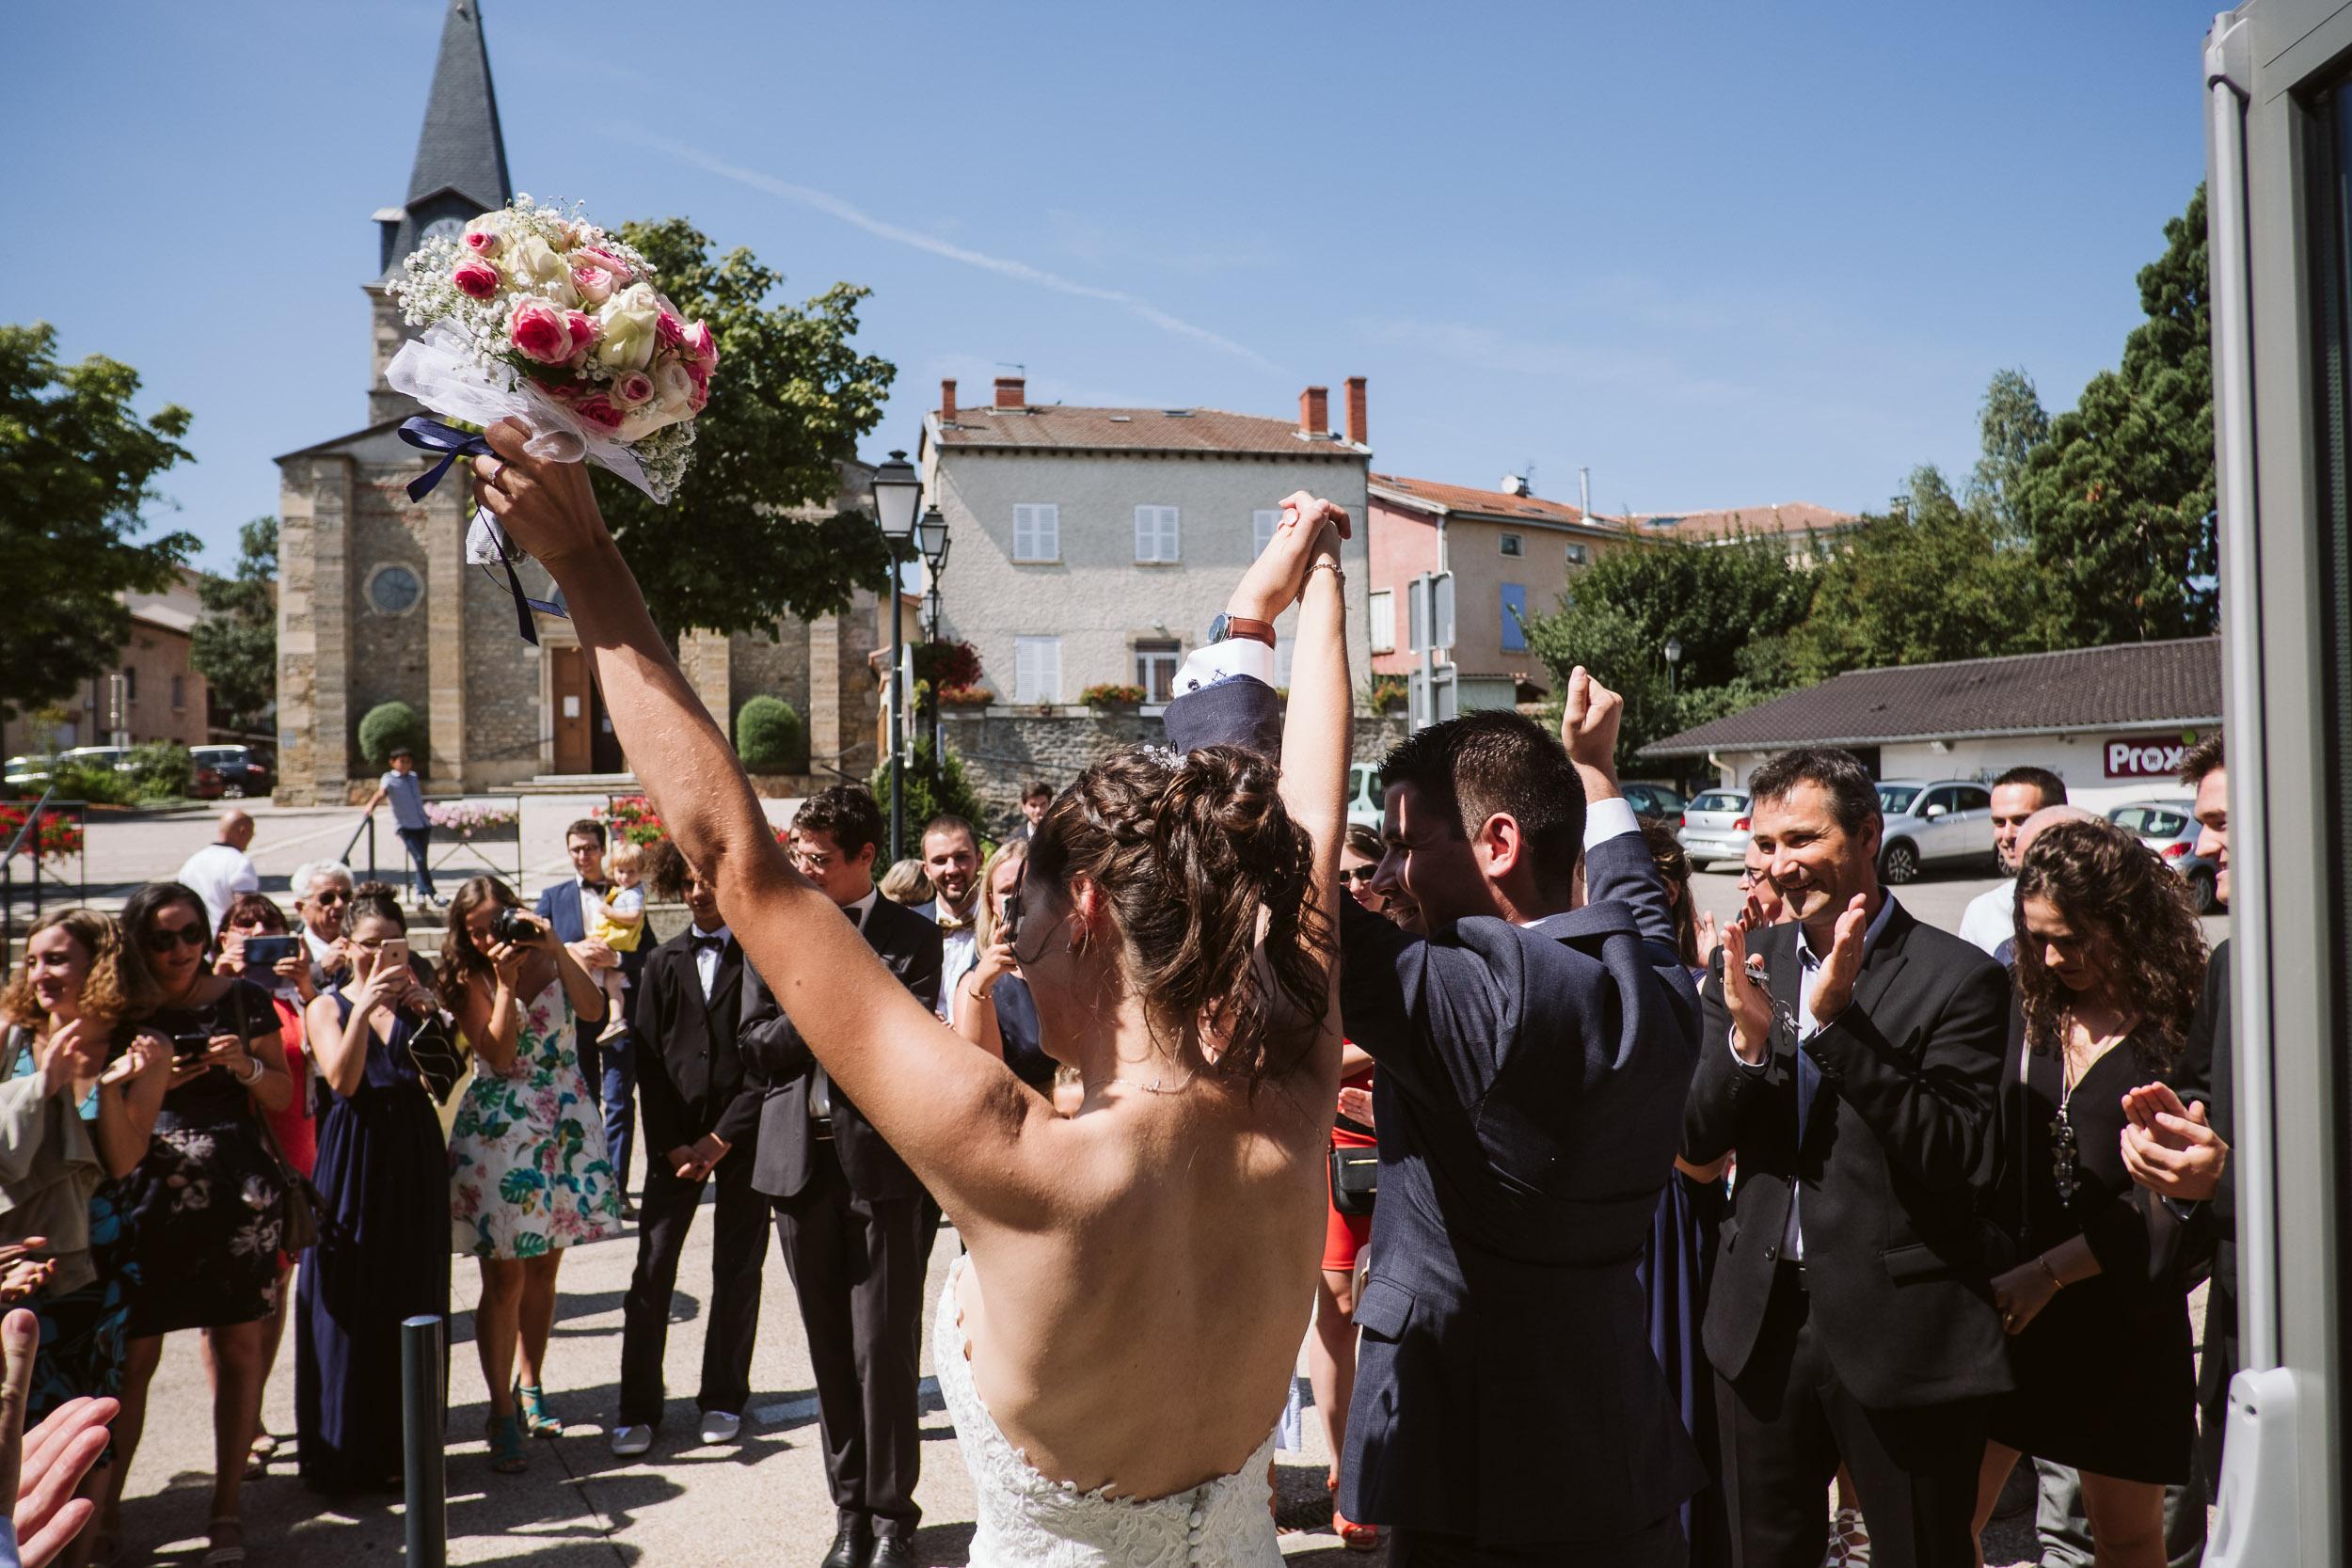 gerald-mattel-photographe-mariage-chateau-nety-7.jpg